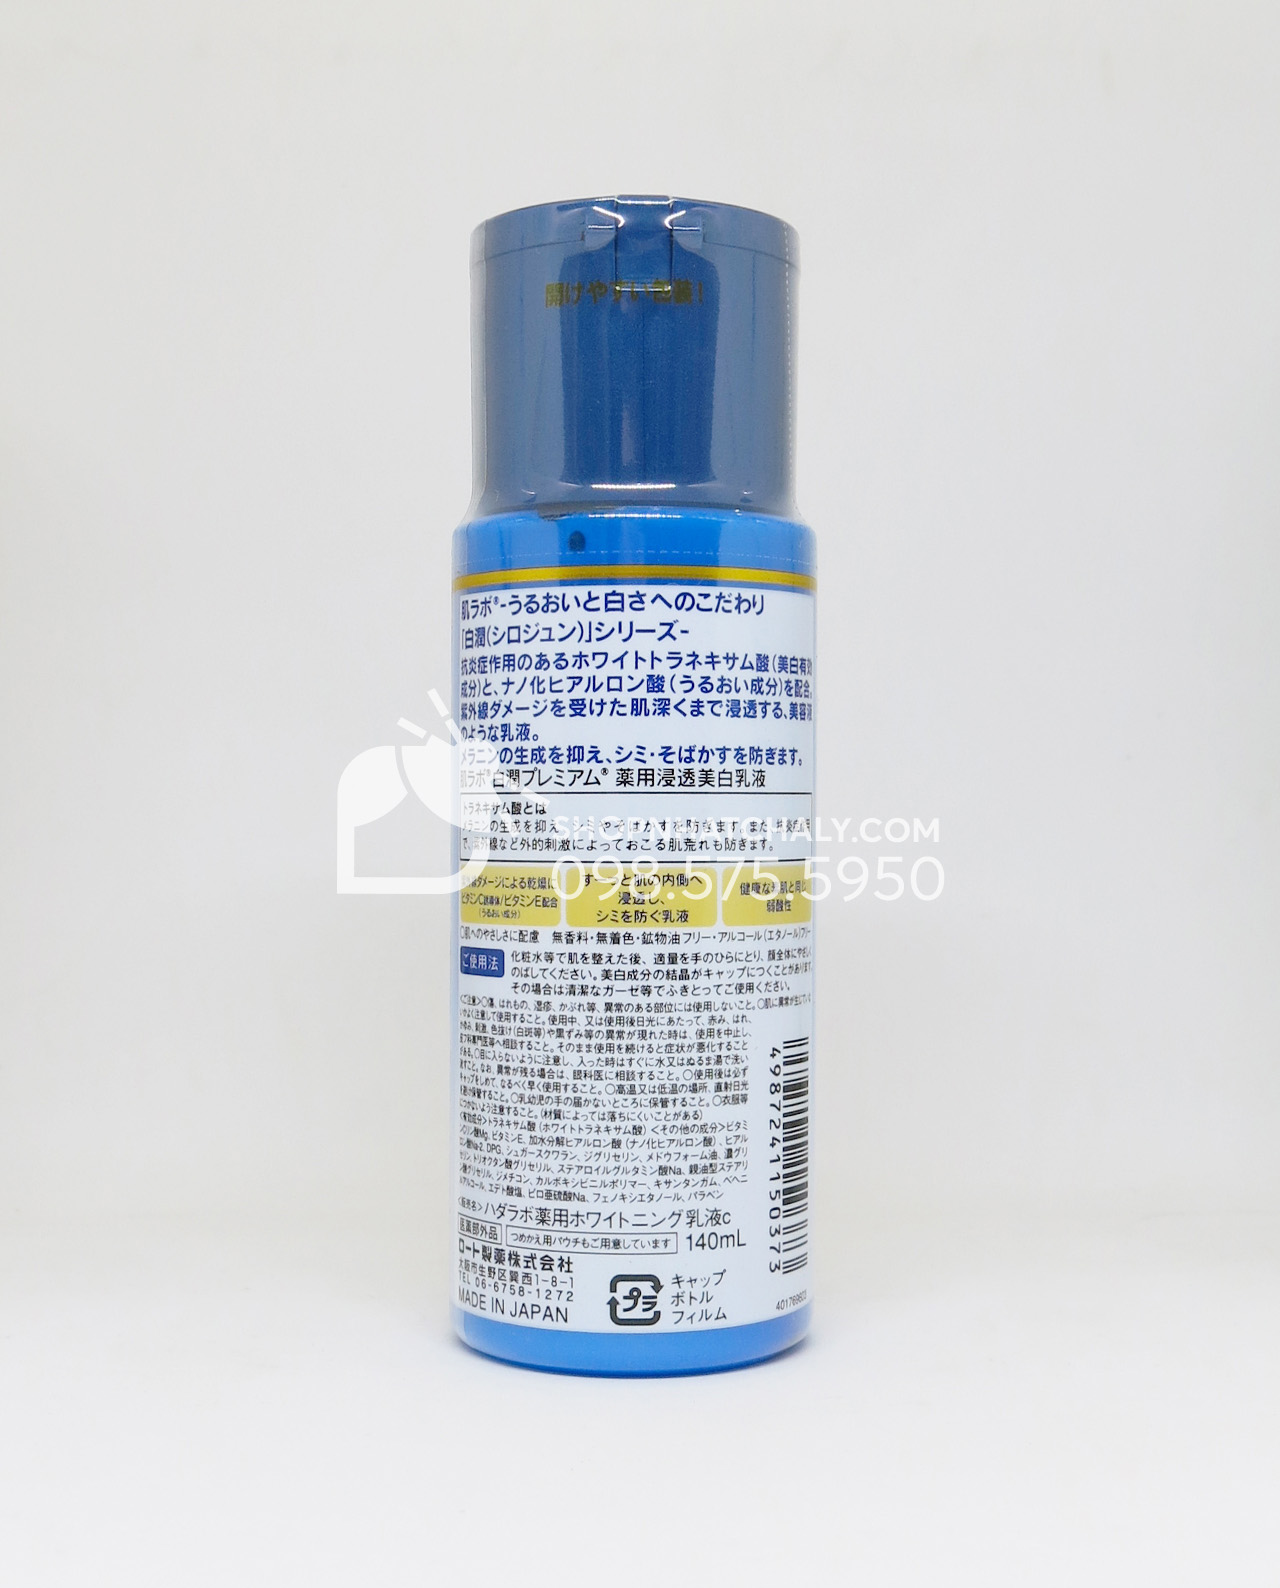 Sữa dưỡng trắng da Hada Labo Nhật Shirojyun Premium Whitening Emulsion 140ml - thông tin sản phẩm